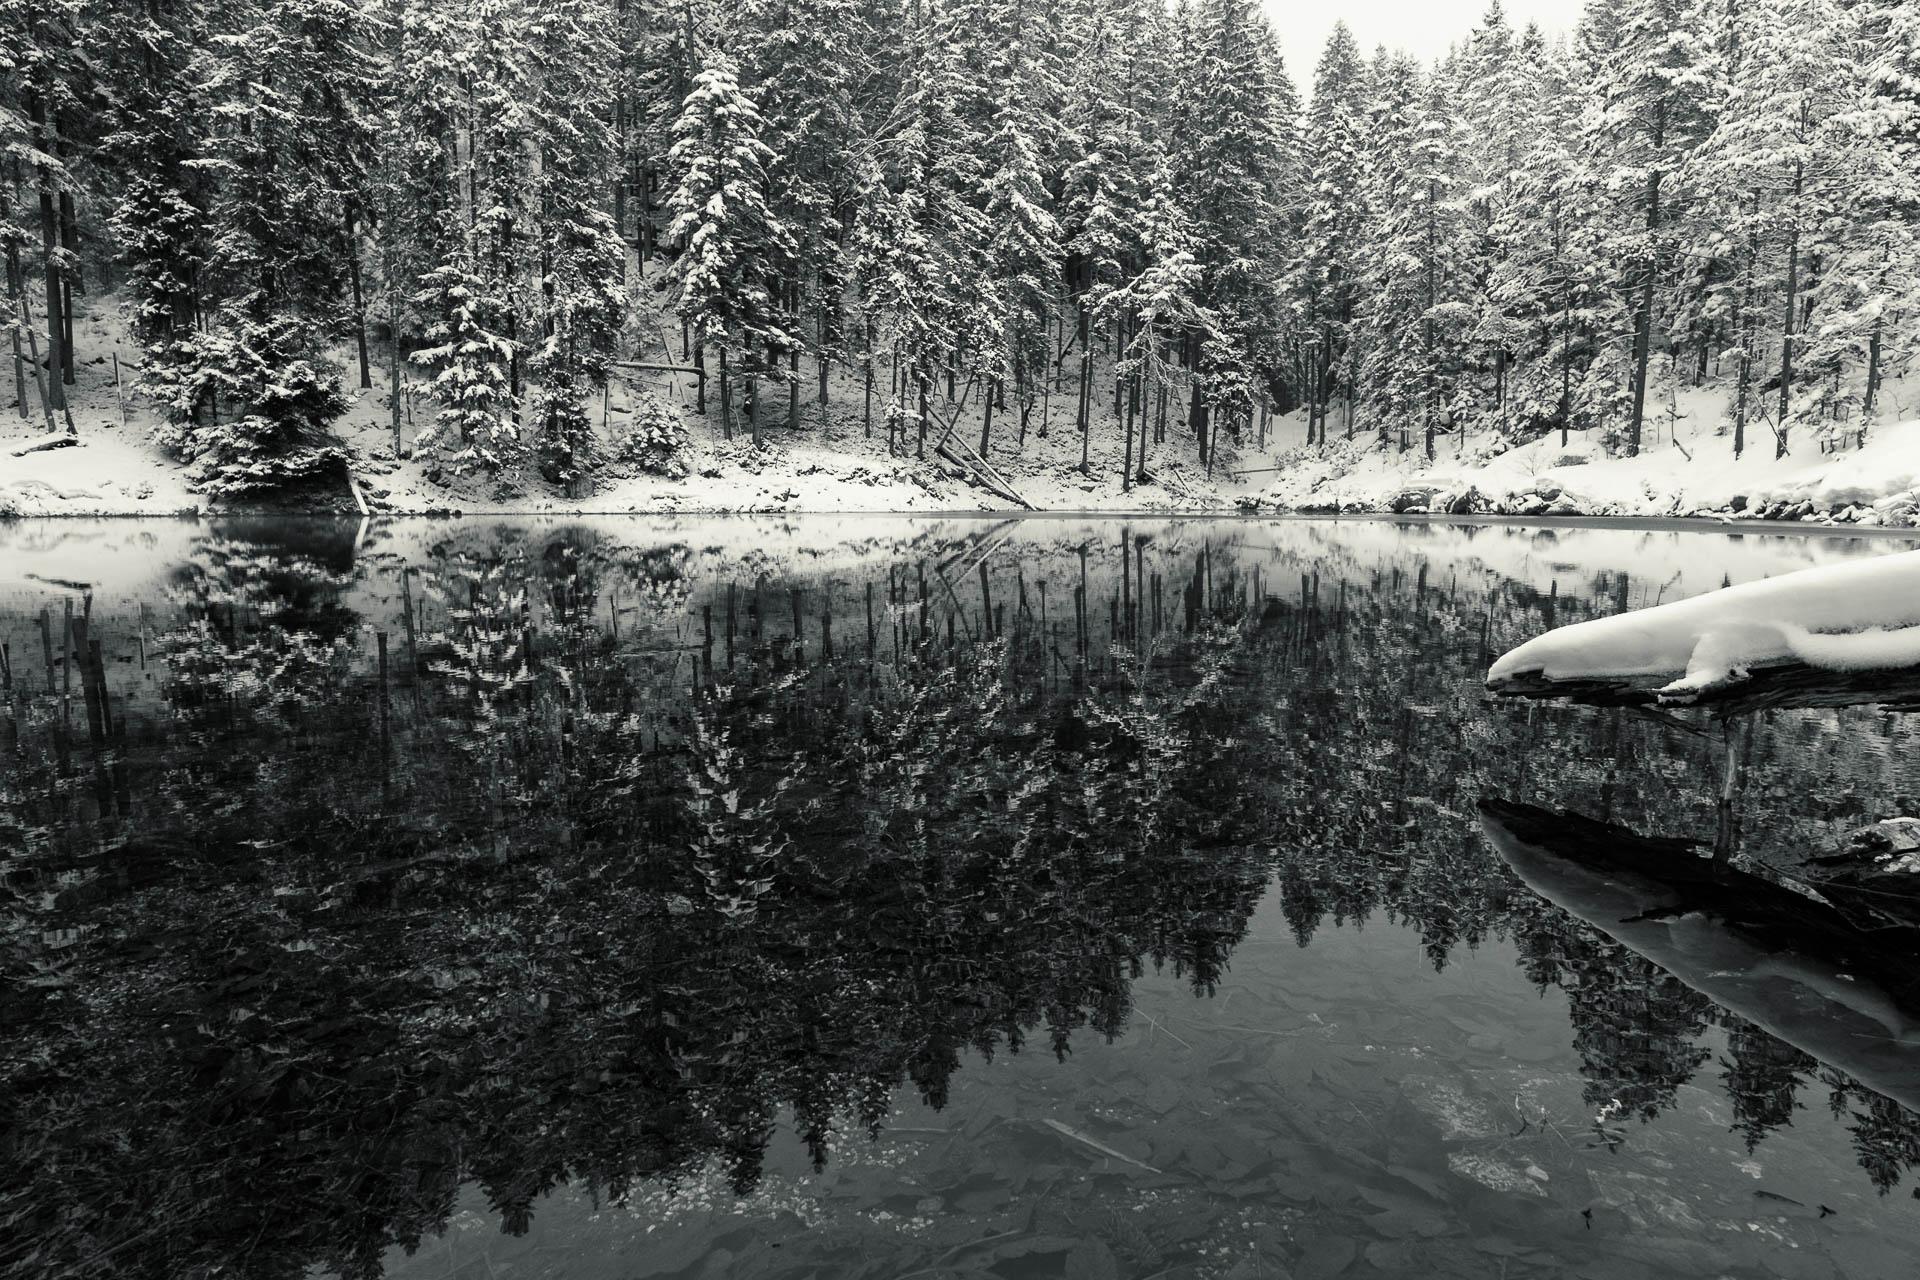 Reflektionen im Winter am Eibsee bei Grainau